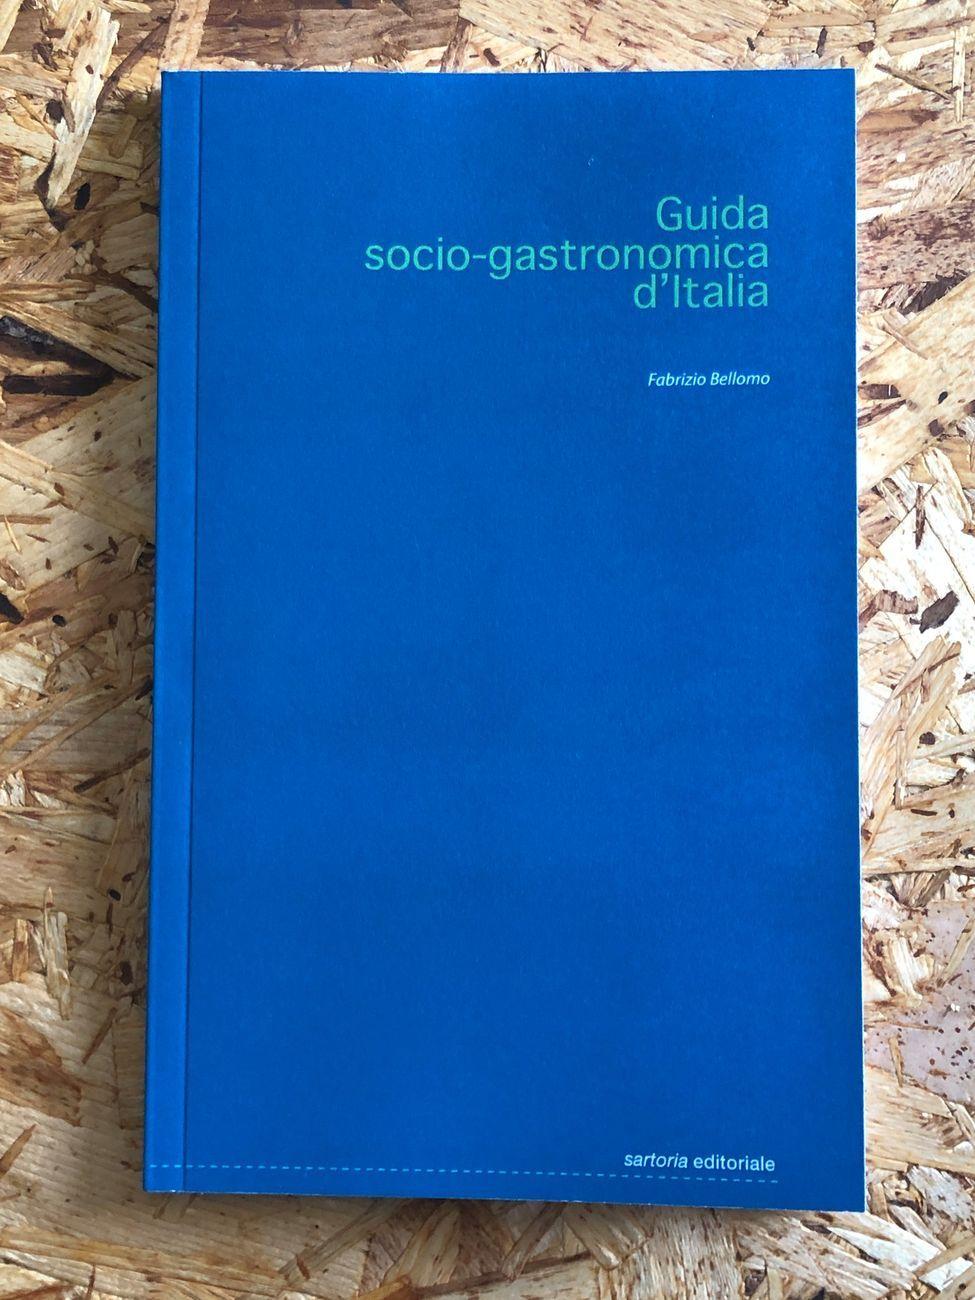 Fabrizio Bellomo -  Guida socio gastronomica d'Italia (Postmedia Books, Milano 2021)